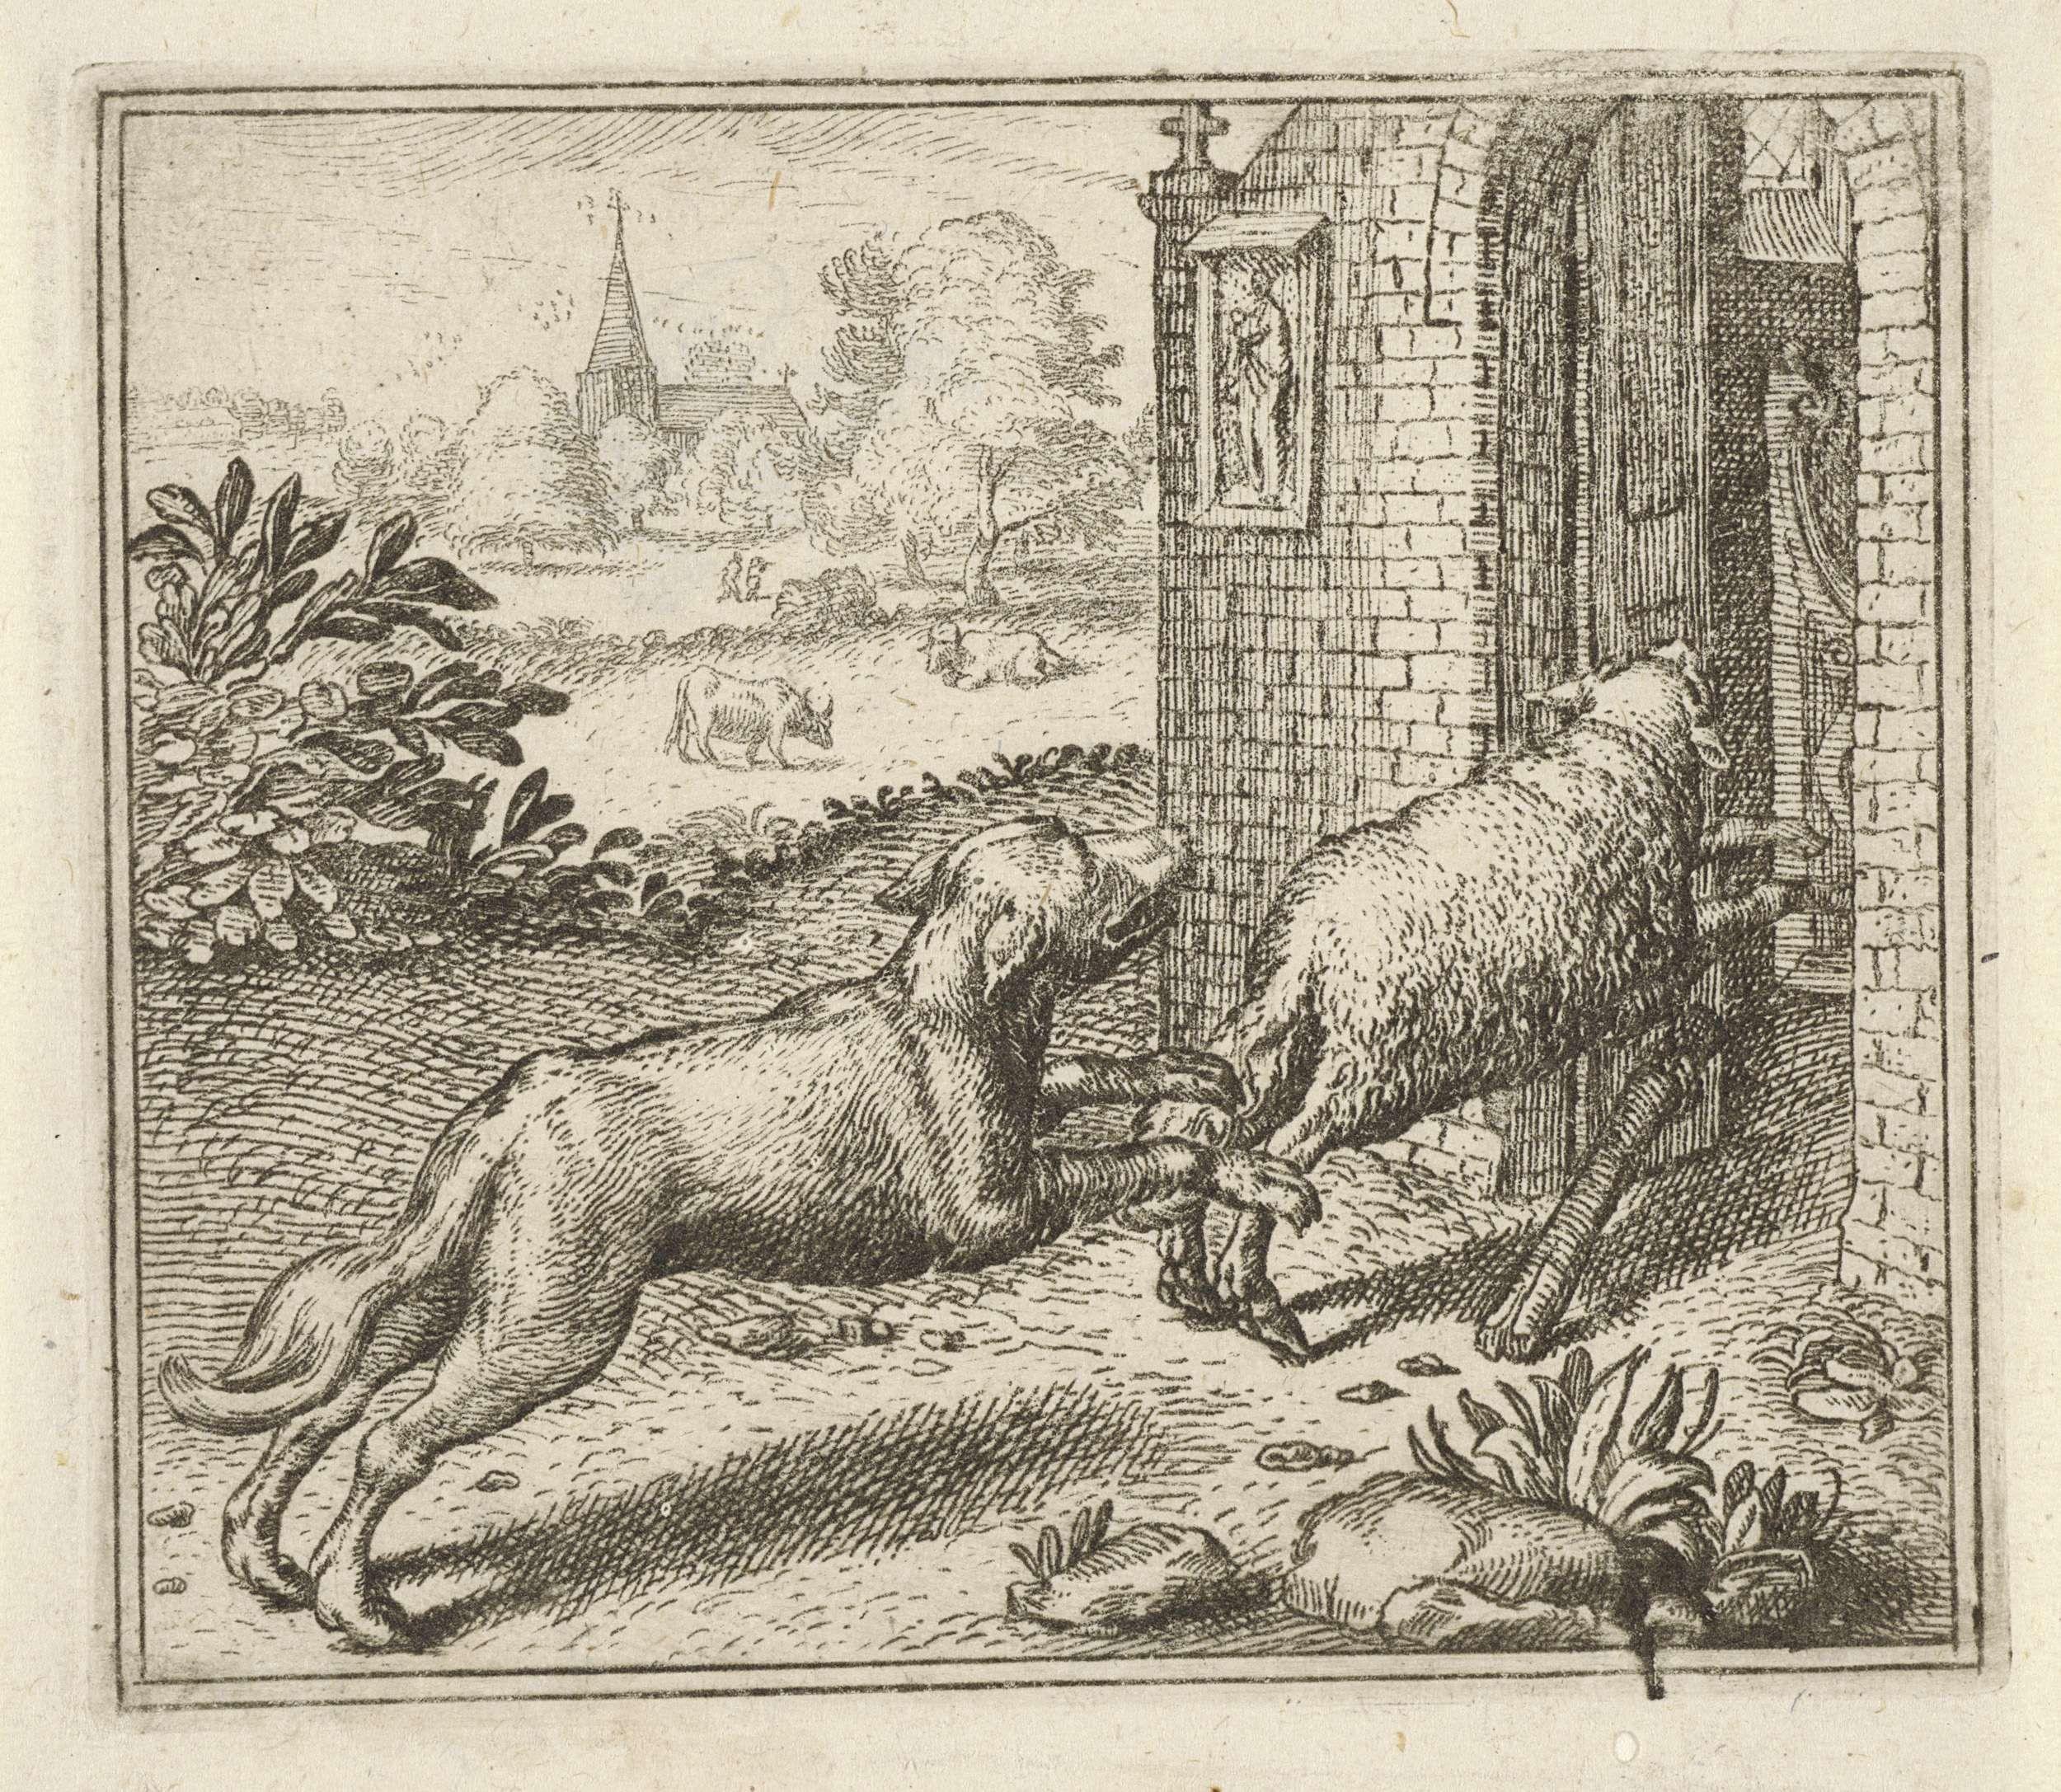 Aegidius Sadeler | Fabel van de wolf en het schaap, Aegidius Sadeler, Anonymous, Marcus Gheeraerts (I), 1608 - 1679 | Een schaap rent een kerk binnen, gevolgd door een wolf. De fabel beschrijft hoe een wolf een schaap achtervolgt en opgesloten wordt in een kerk. De moraal van het verhaal leert dat men beter zijn lusten kan bedwingen.